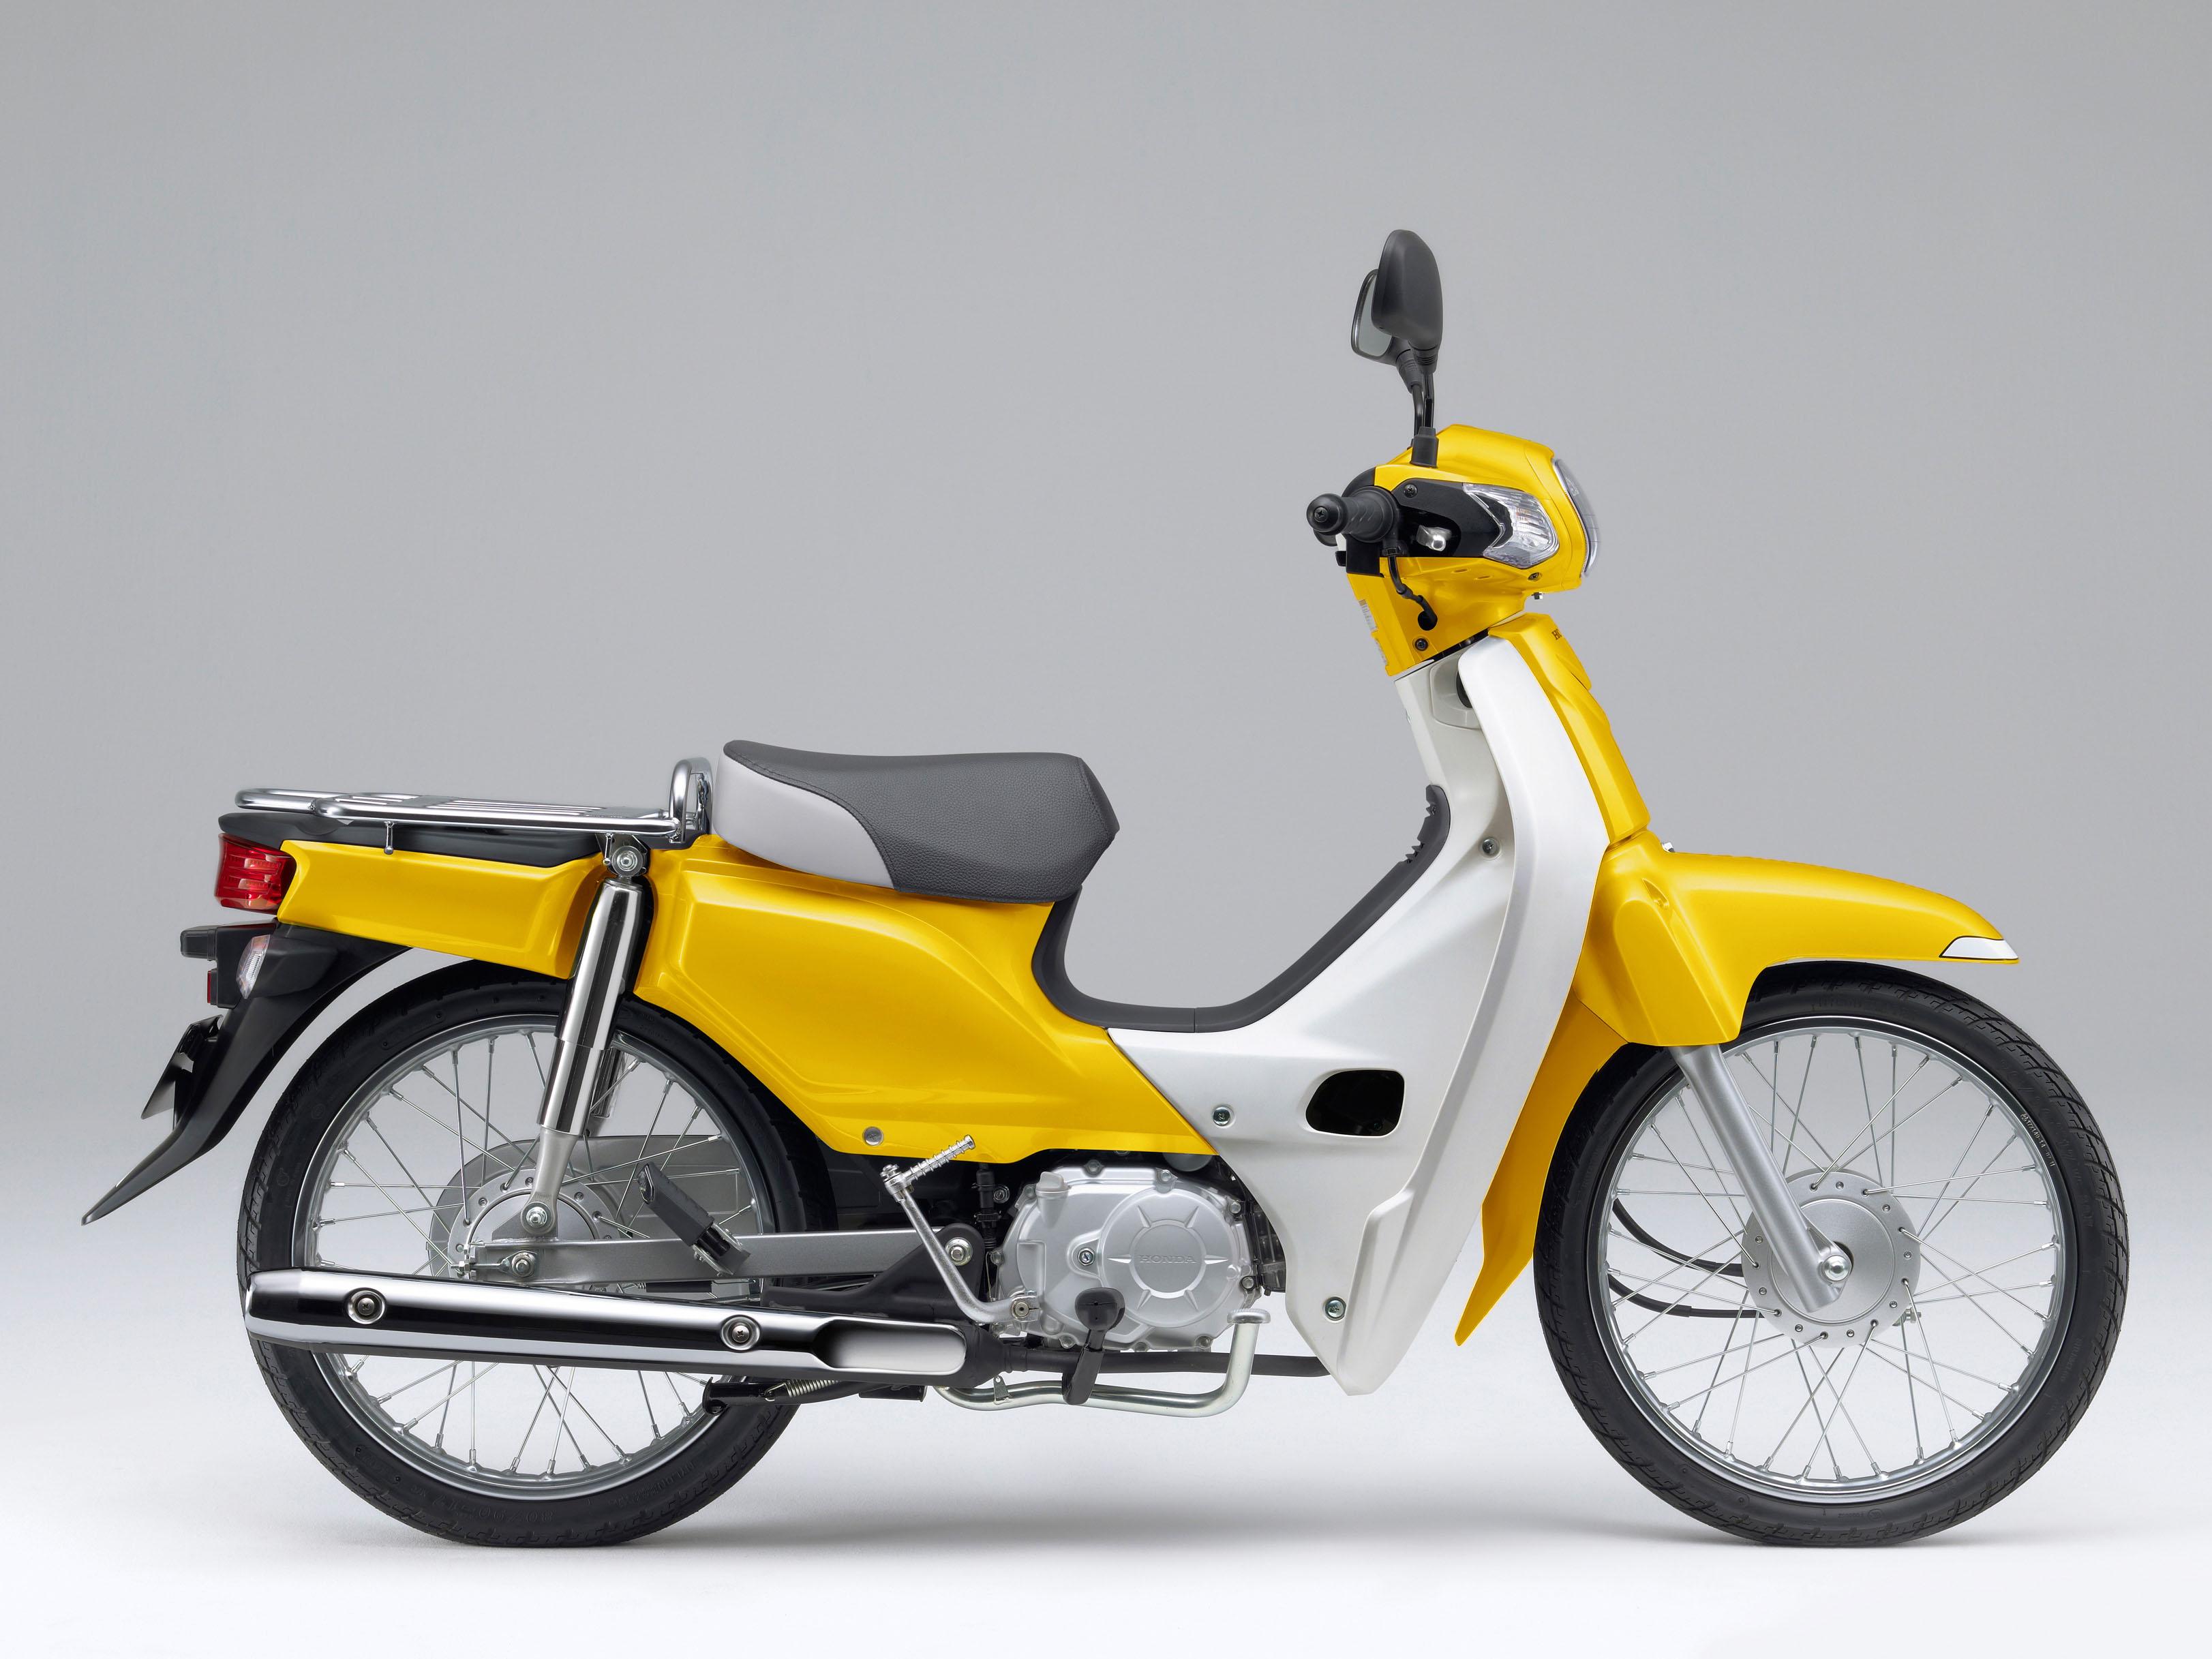 スーパーカブ・オリジナルカラ―ヴァージョン(新車)